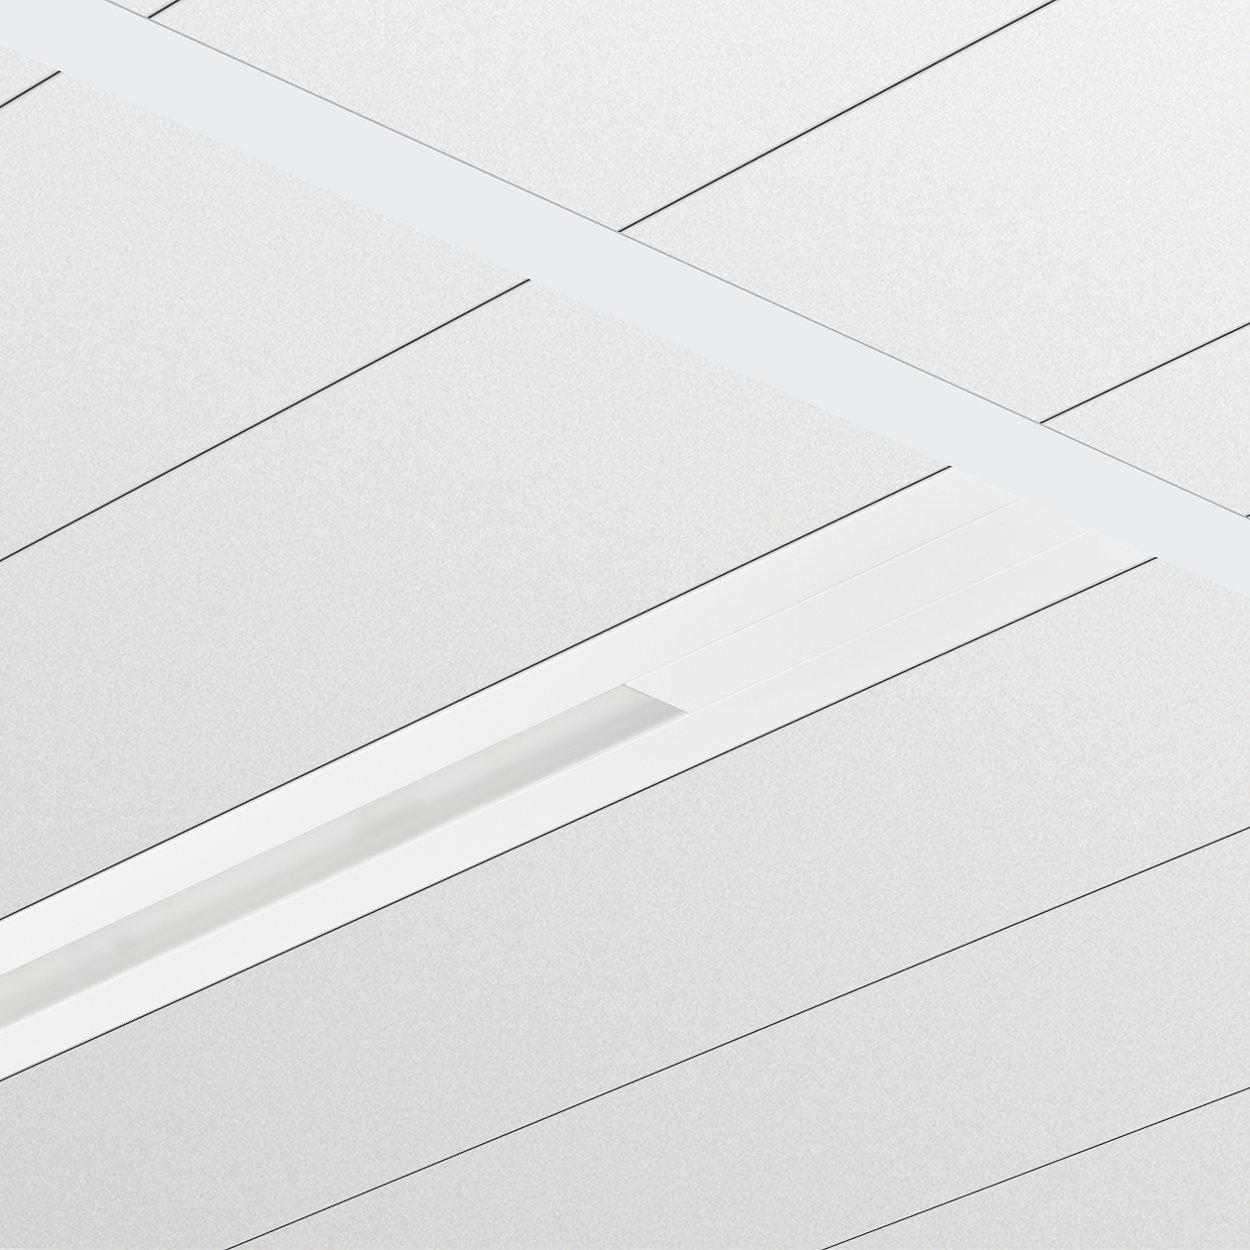 Zapuštěné svítidlo TrueLine – skutečná linie světla: elegantní, energeticky účinné a v souladu s normami pro osvětlení kanceláří